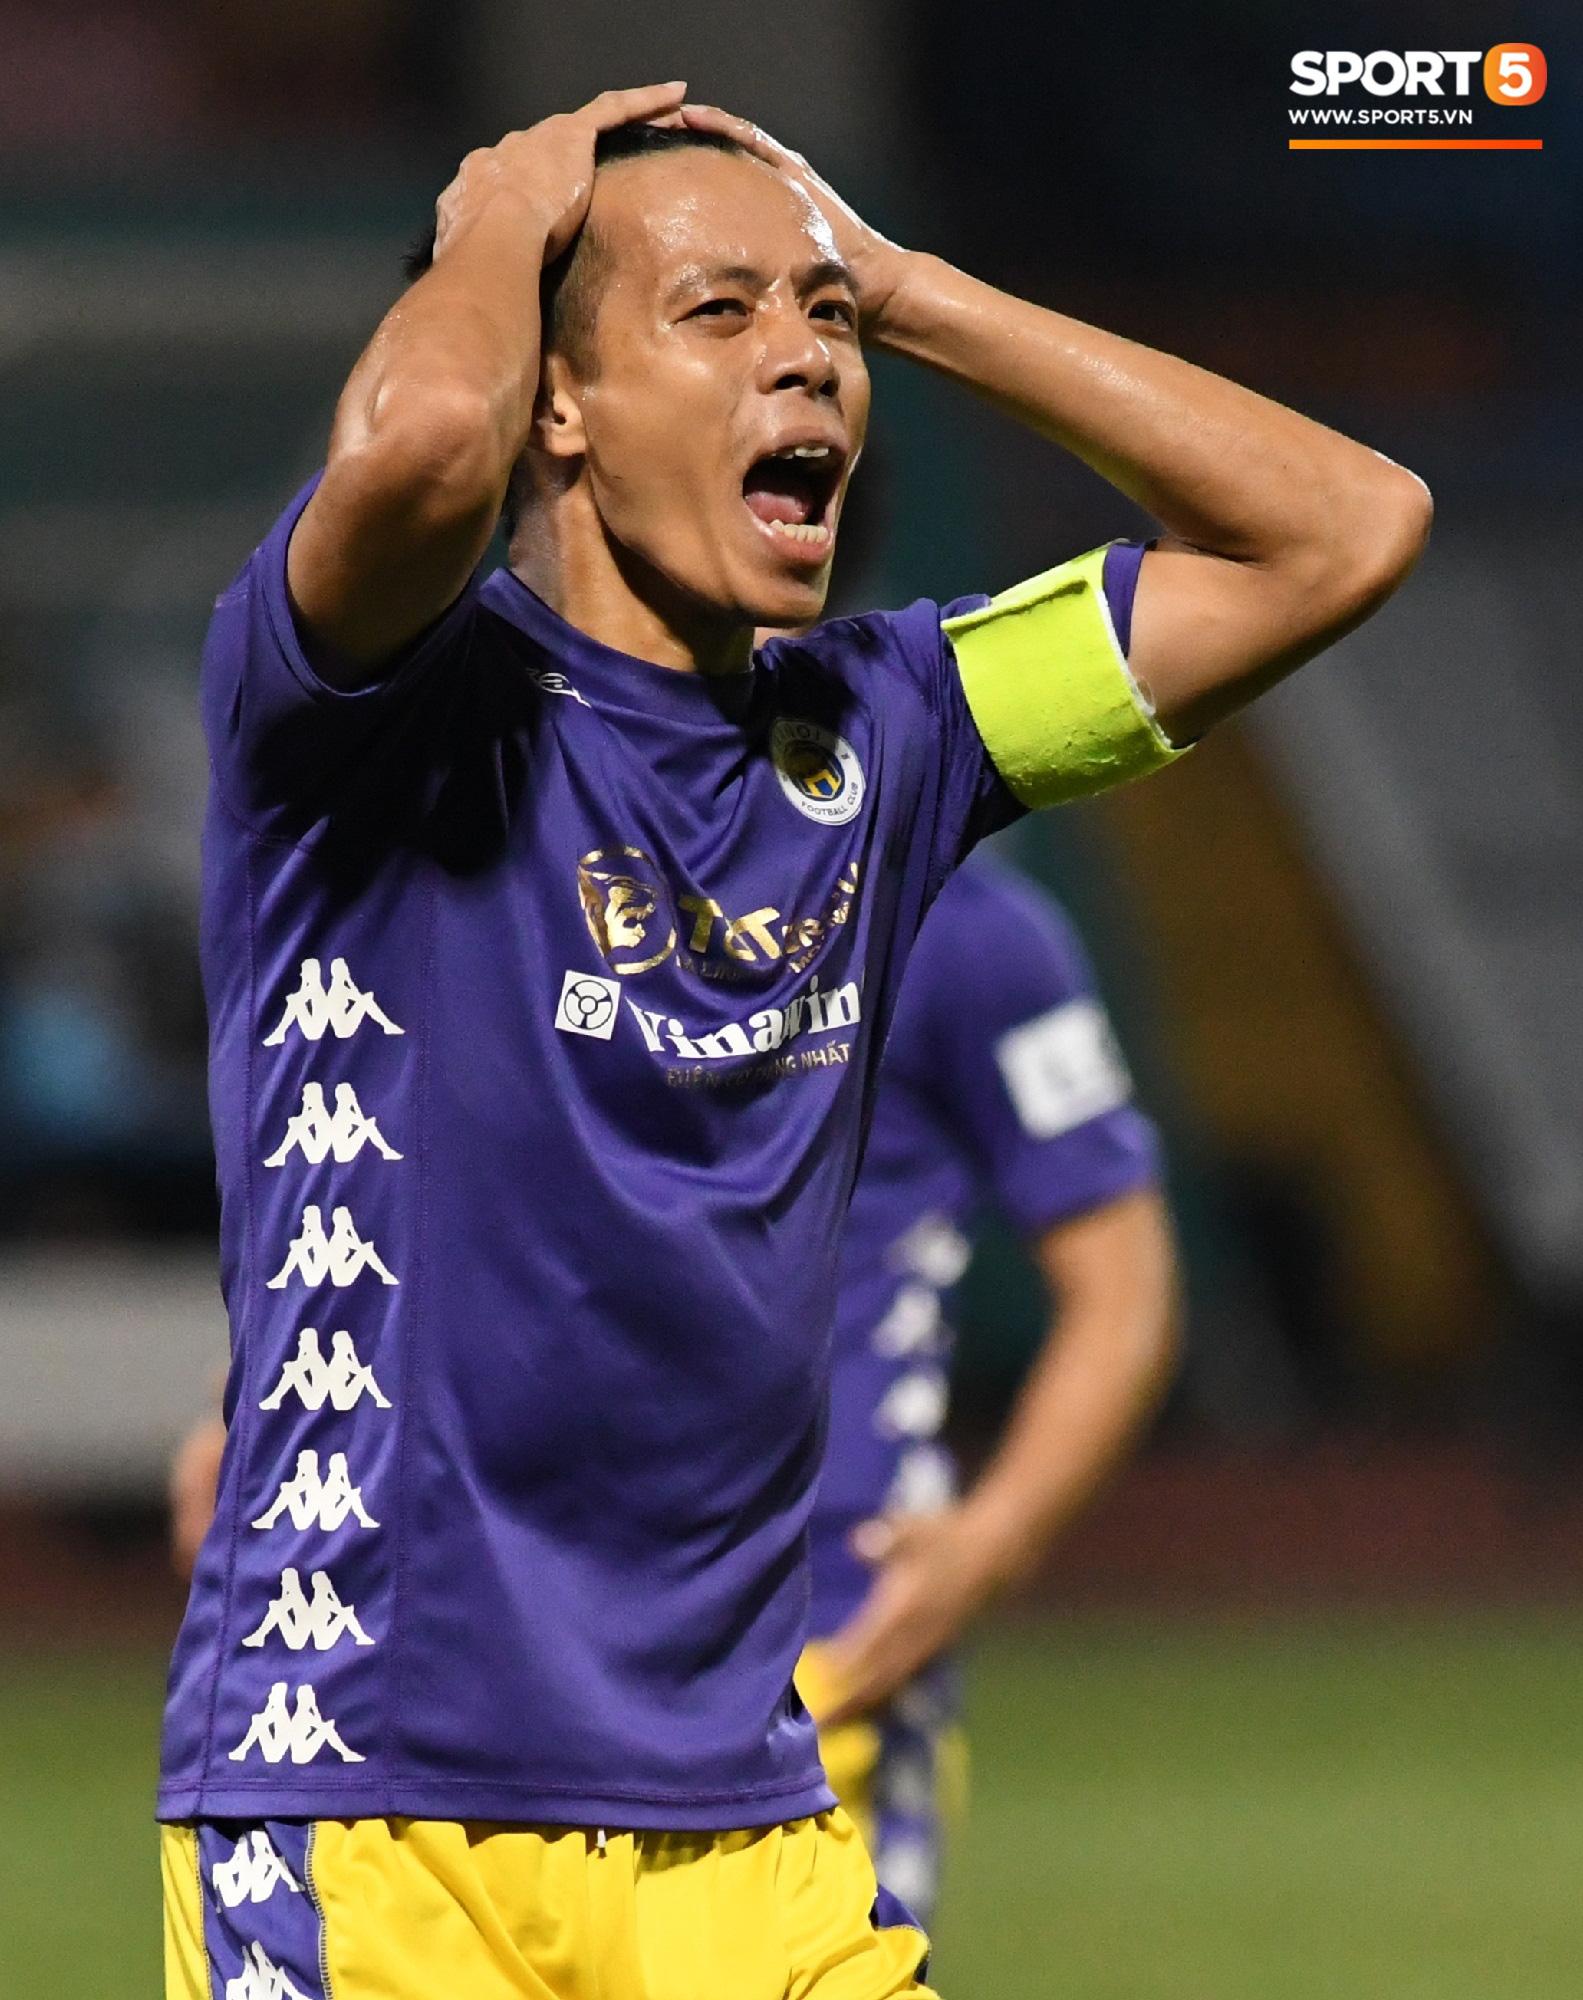 Quang Hải biểu diễn kỹ năng đỡ bóng không cần nhìn cực điệu nghệ, đi bóng khiến hàng thủ Viettel FC hỗn loạn - Ảnh 8.